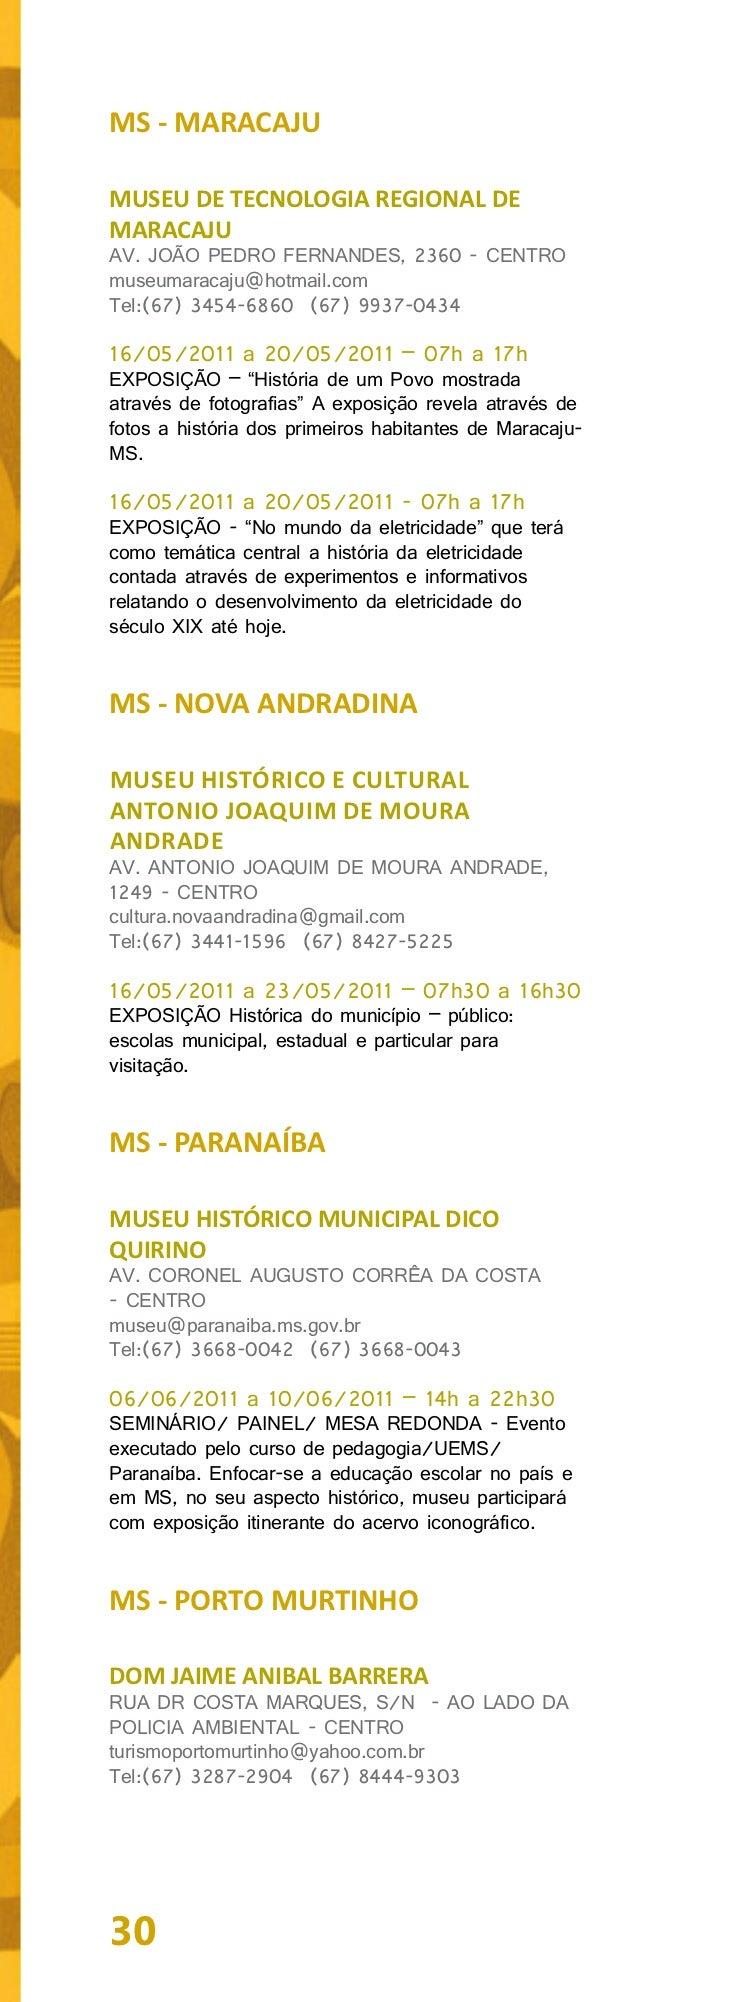 17/05/2011 - 19h a 22hCONCURSO de Desenho - Participação dos alunosdas escolas da rede pública de ensino - Participan-tes ...